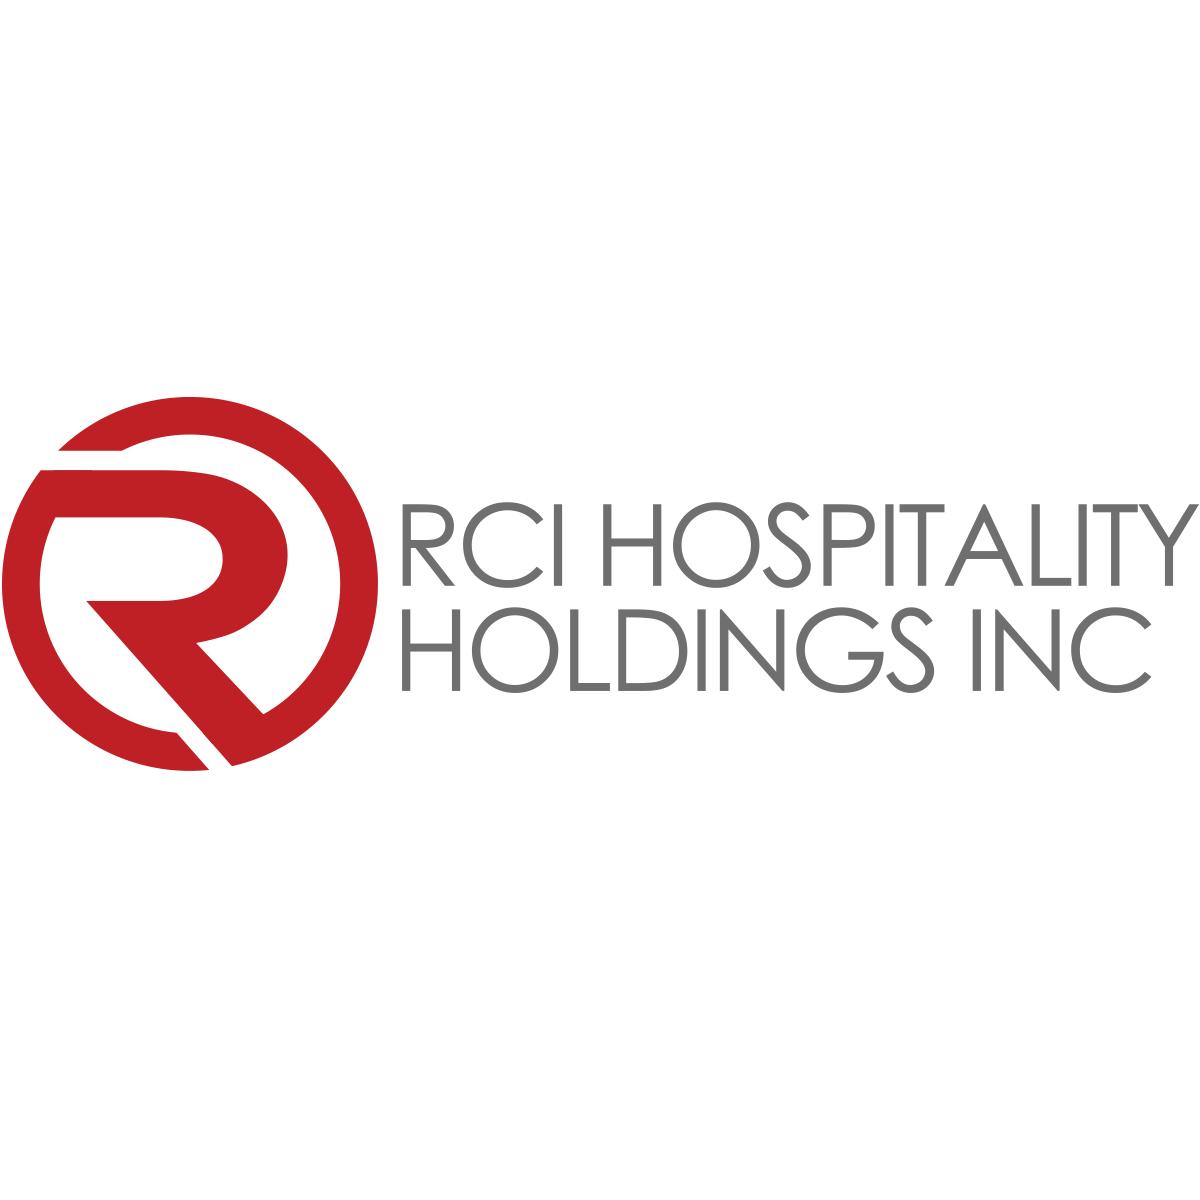 RCI Hospitality Holdings logo